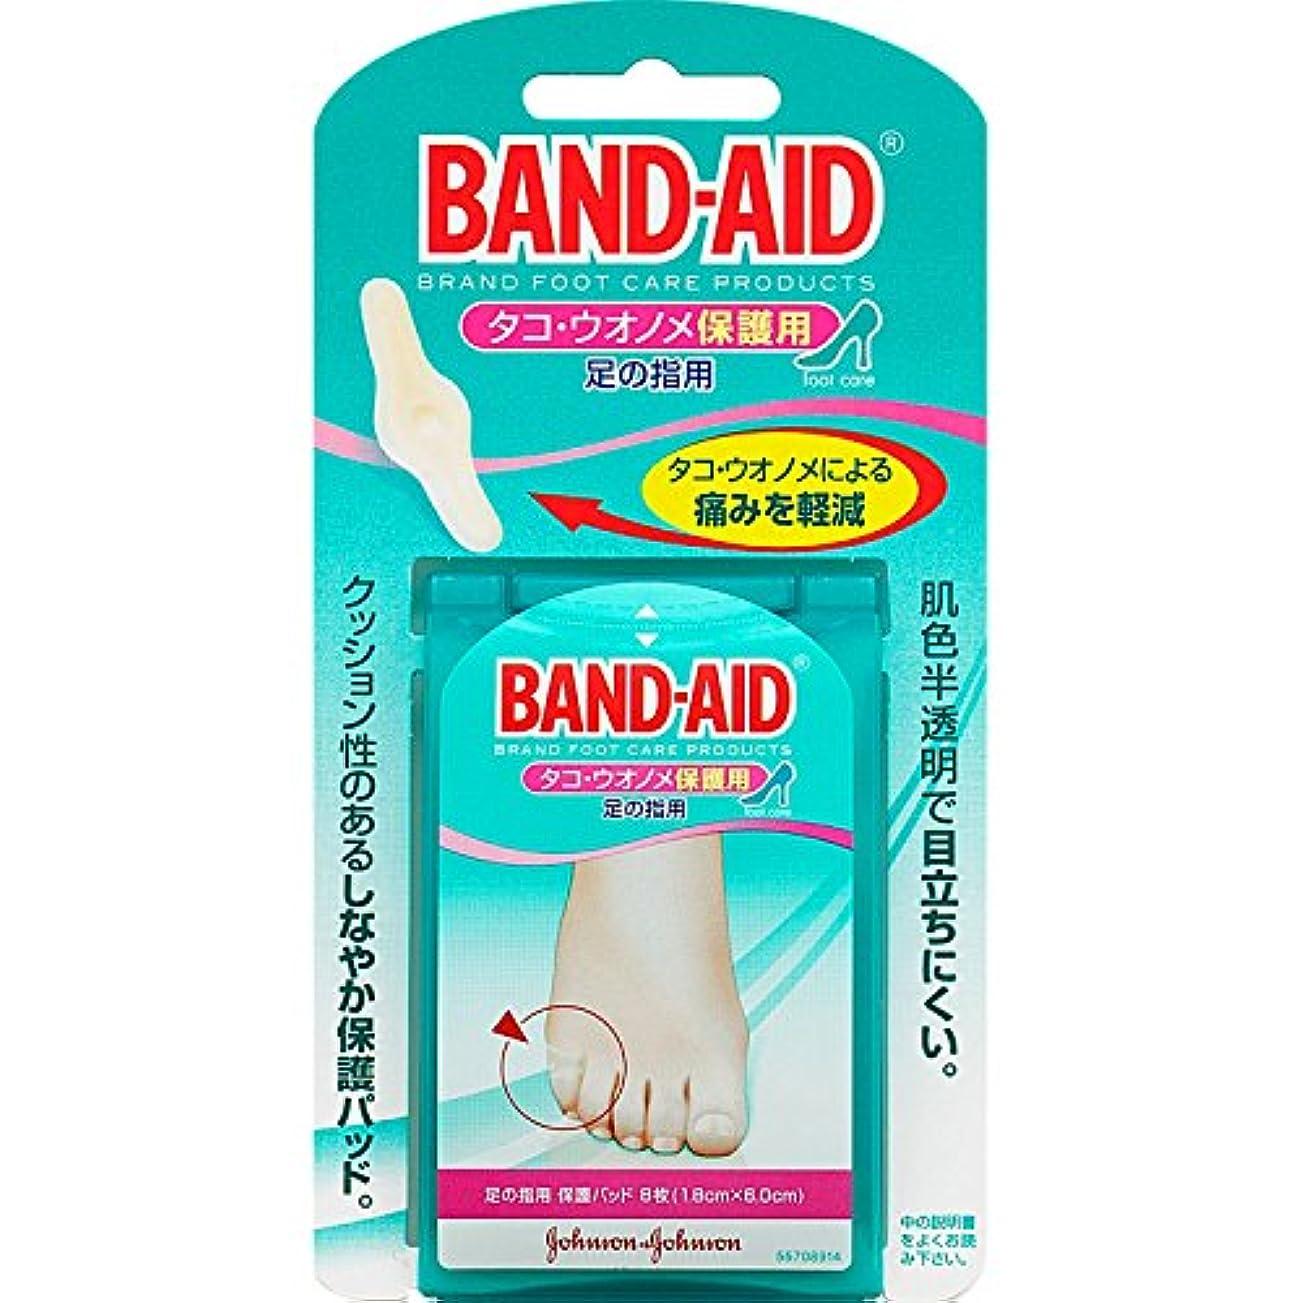 異形不当パスタBAND-AID(バンドエイド) タコ?ウオノメ保護用 足の指用 8枚